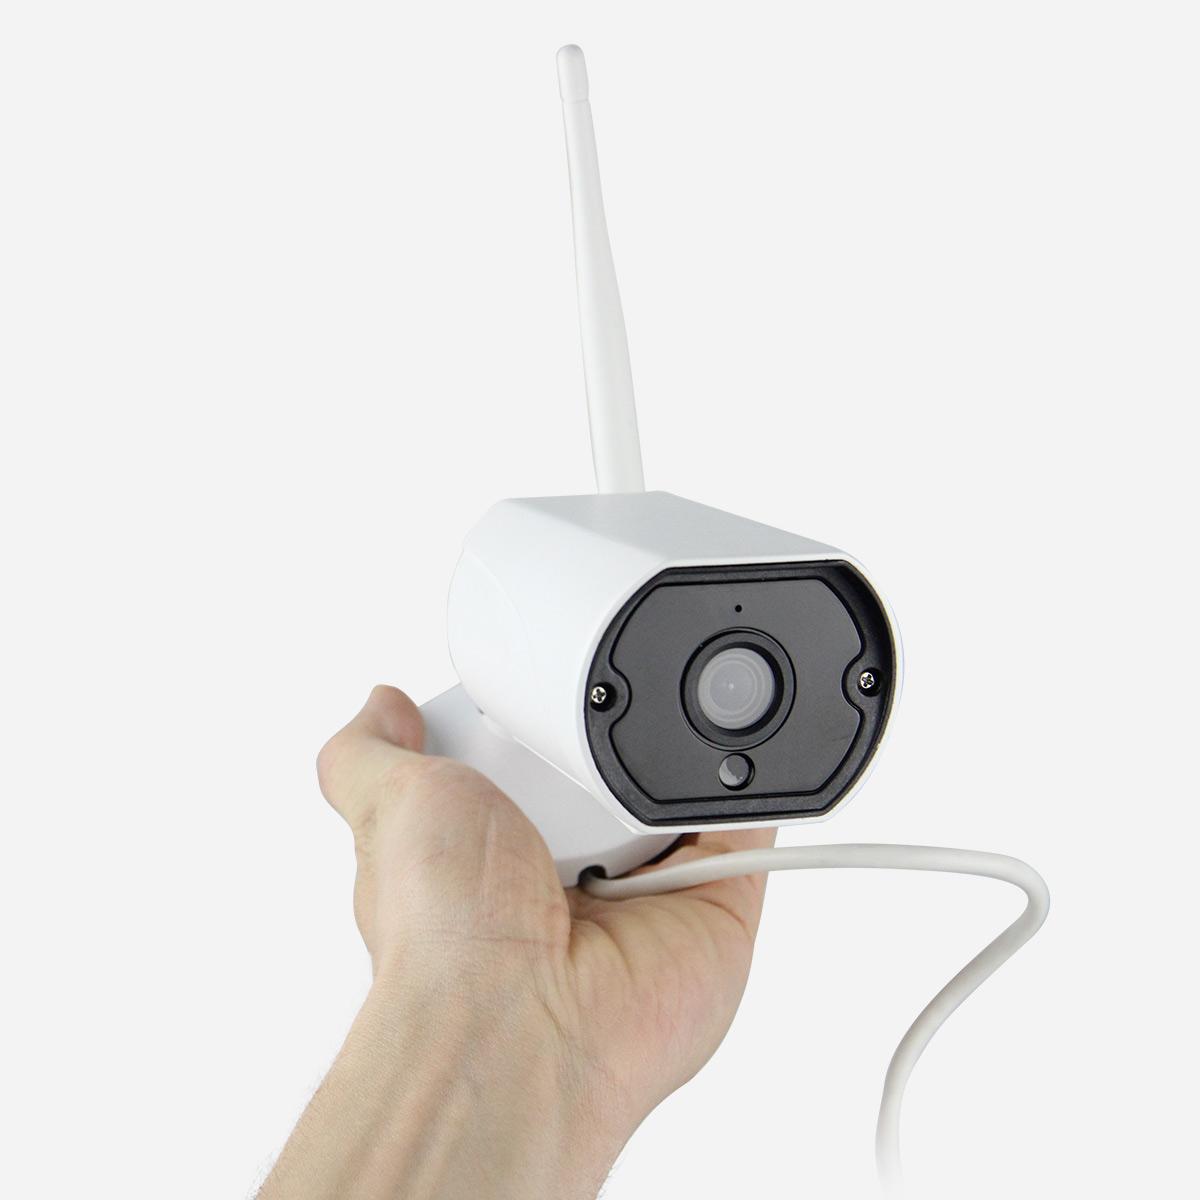 mała kamera bezprzewodowa WiFI orllo.pl